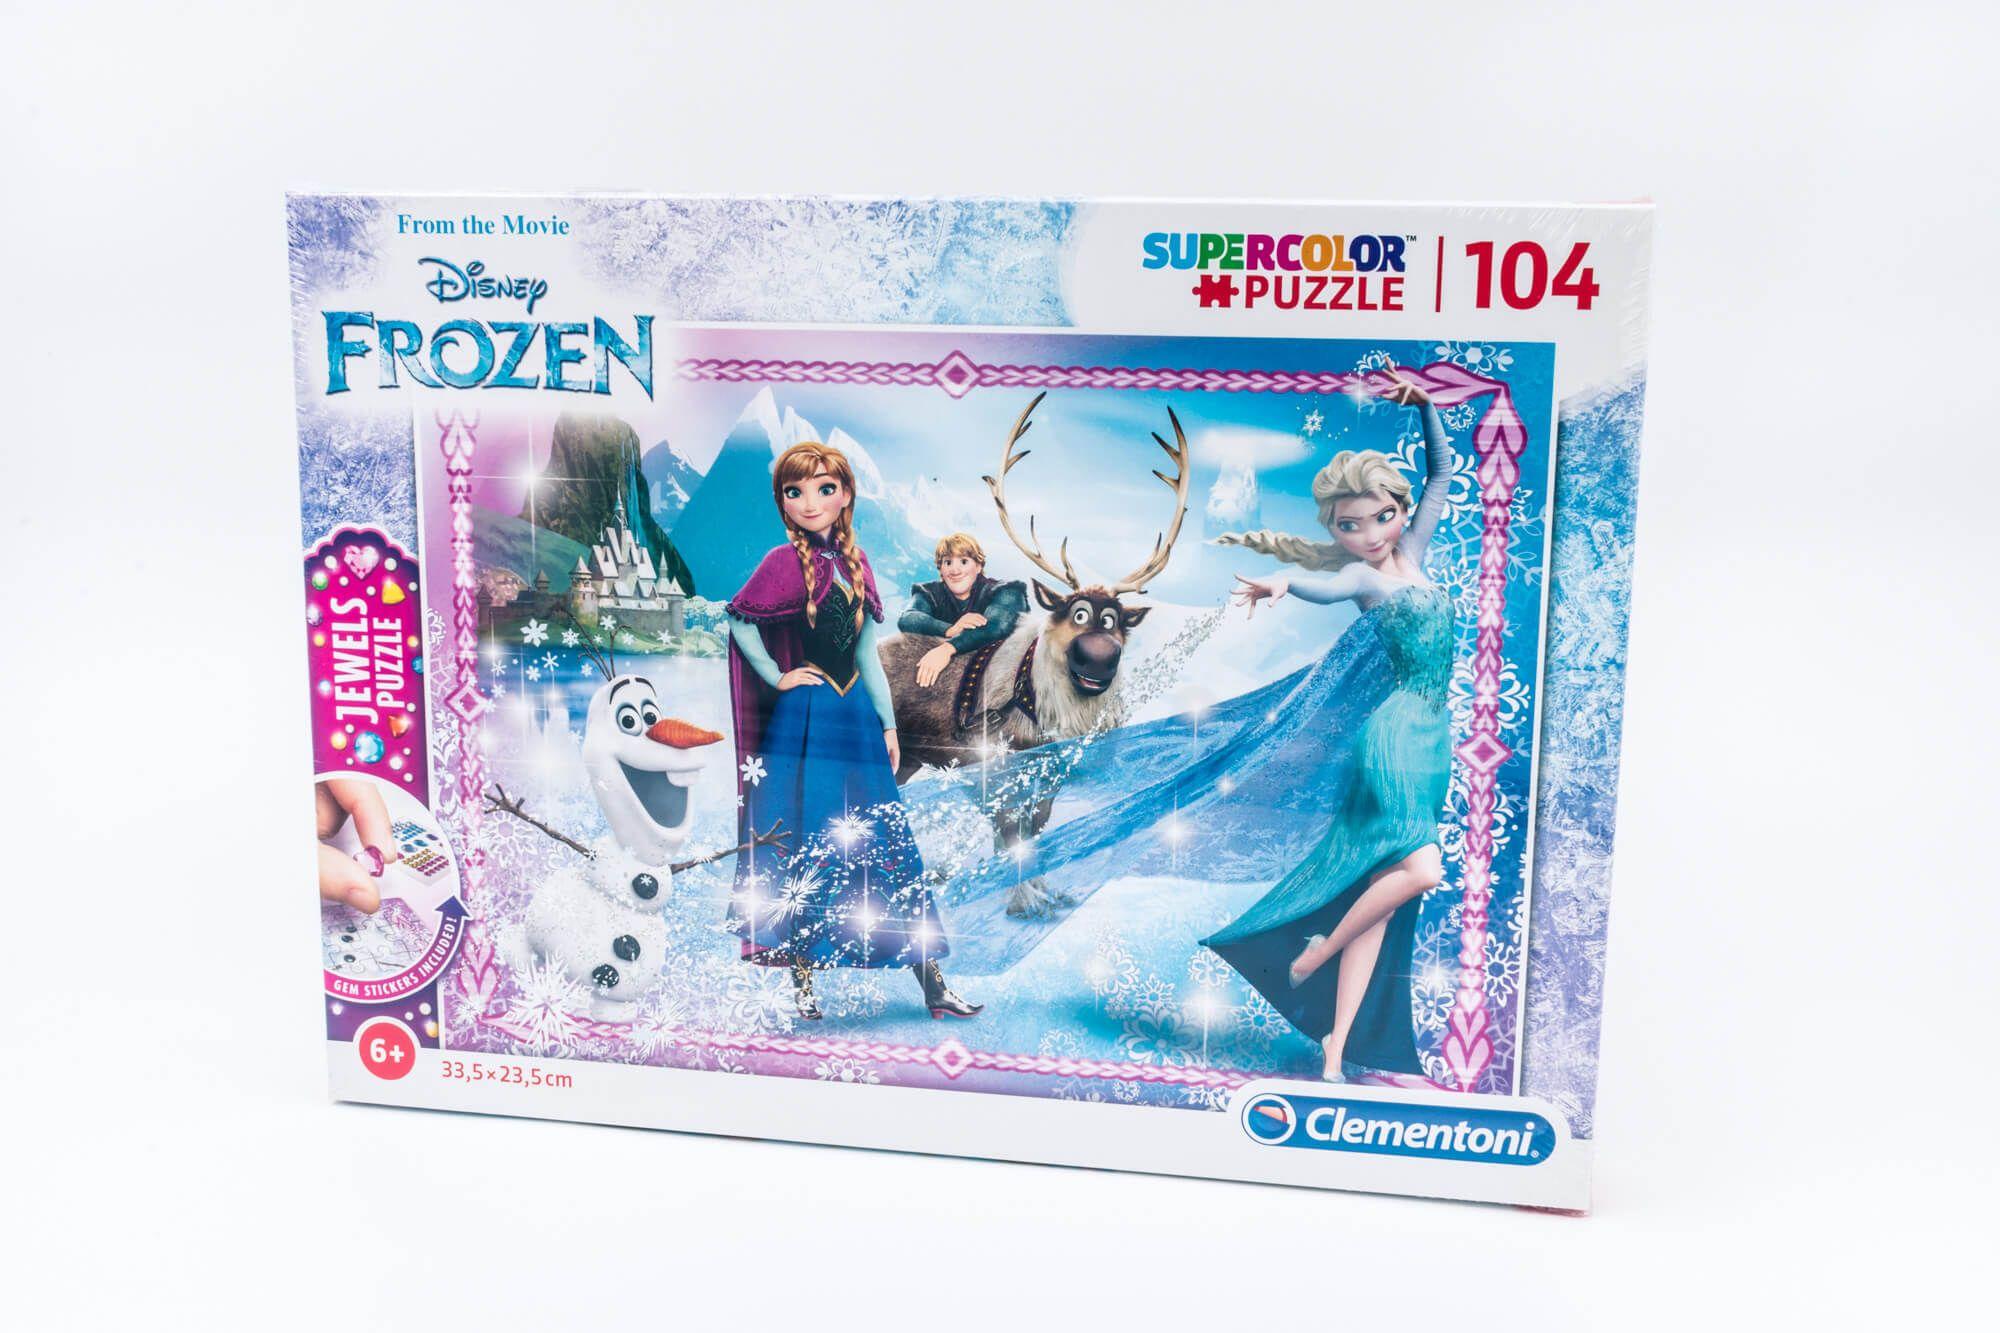 Clementoni Puzzle Frozen 104